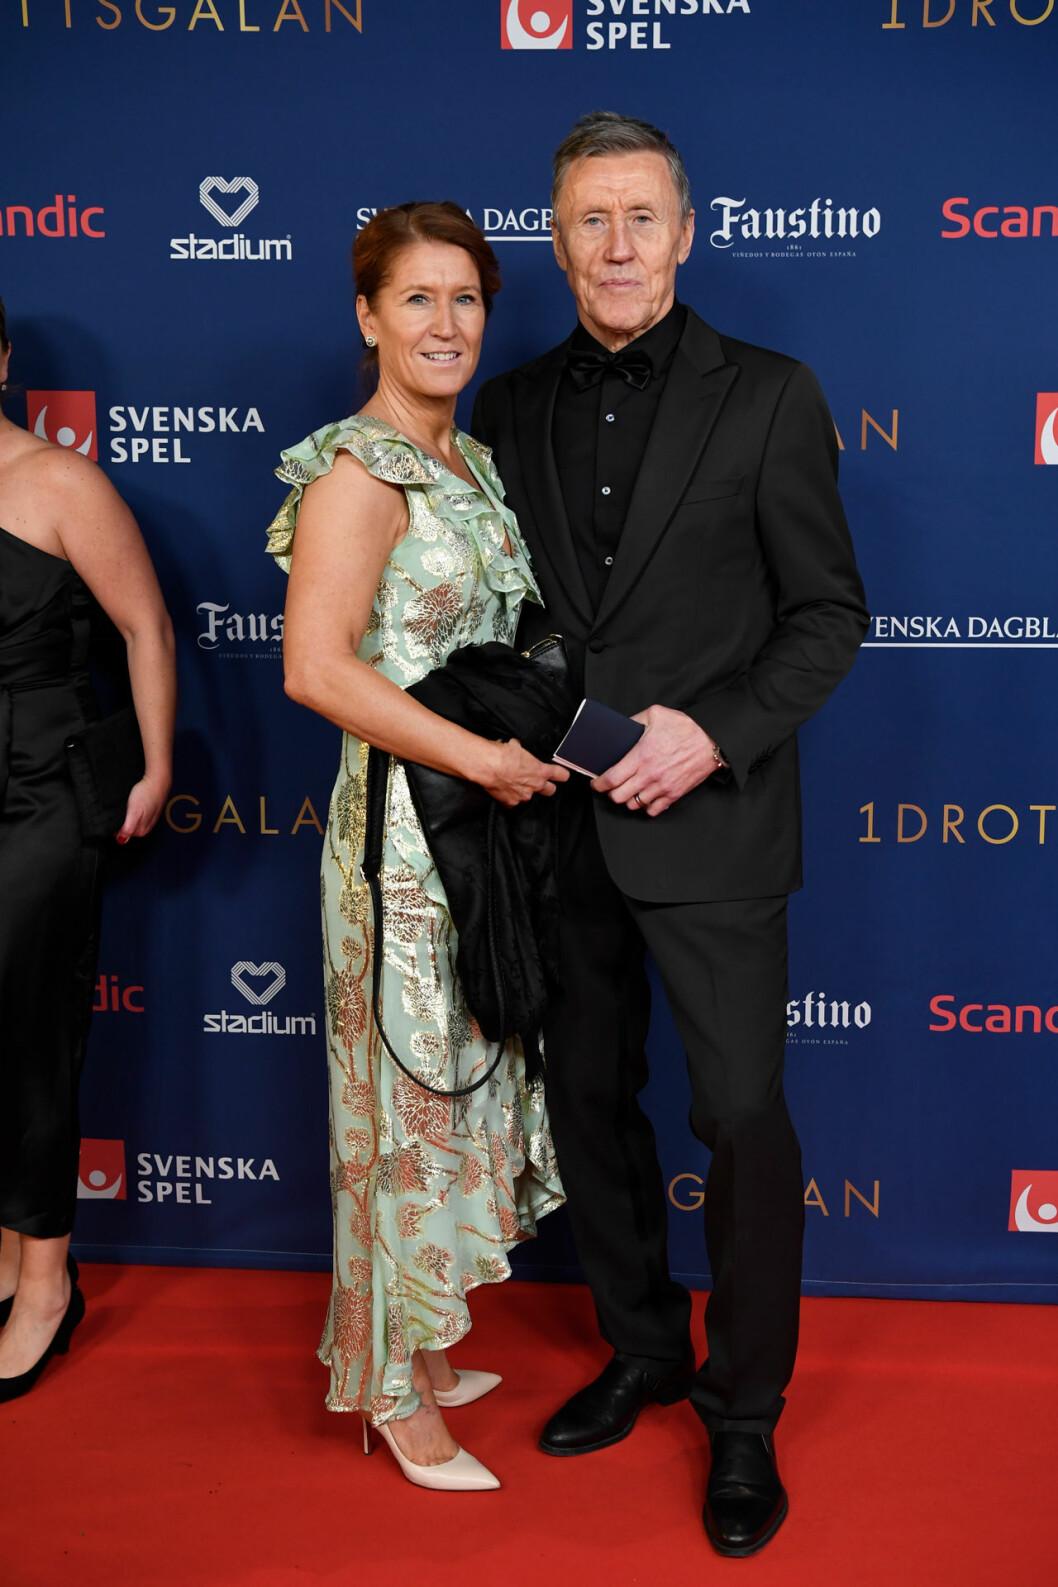 Börje och Pia Salming på röda mattan på Idrottsgalan 2020